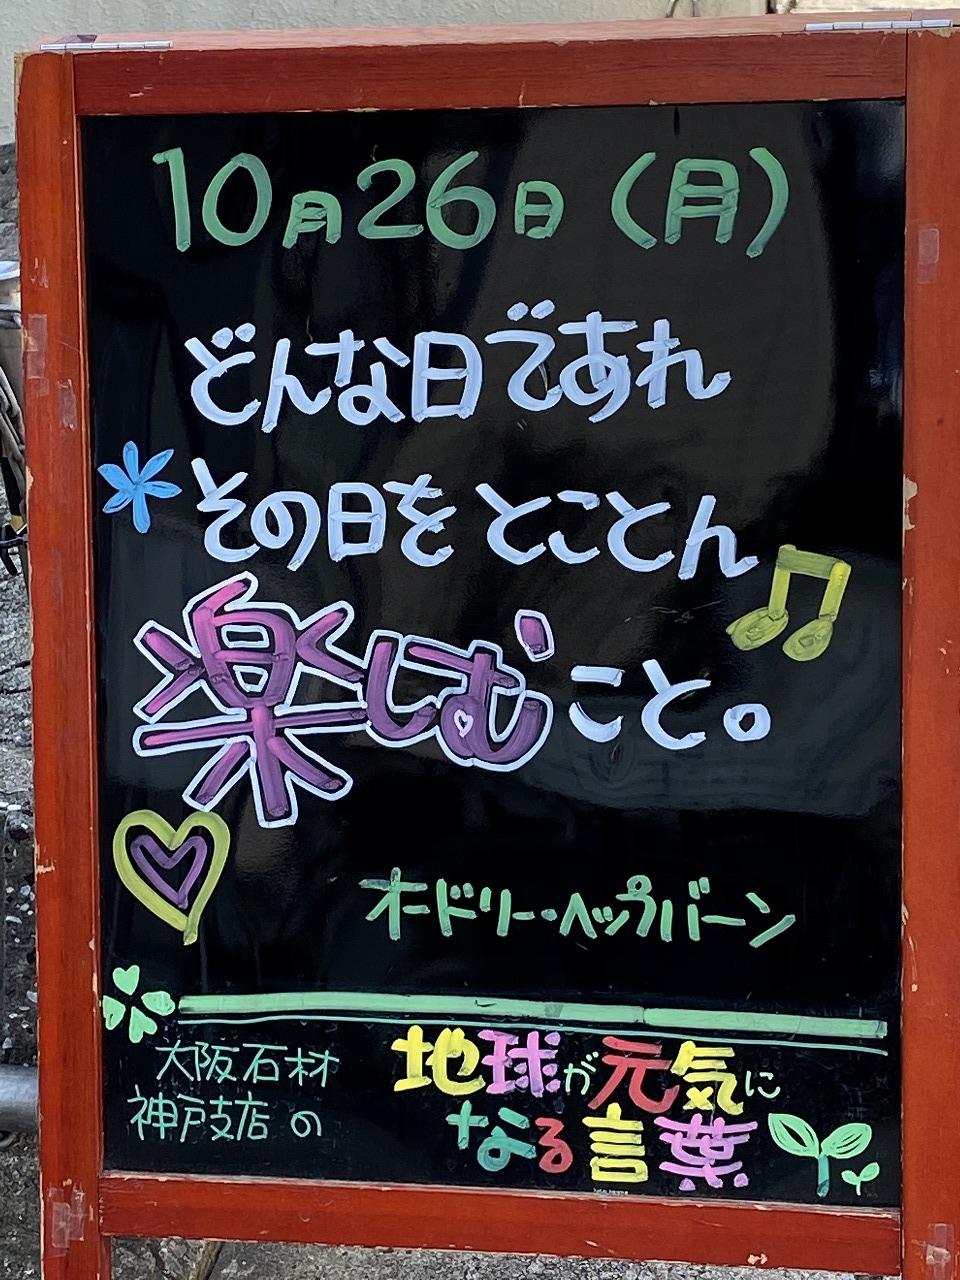 神戸の墓石店「地球が元気になる言葉」の写真 2020年10月26日